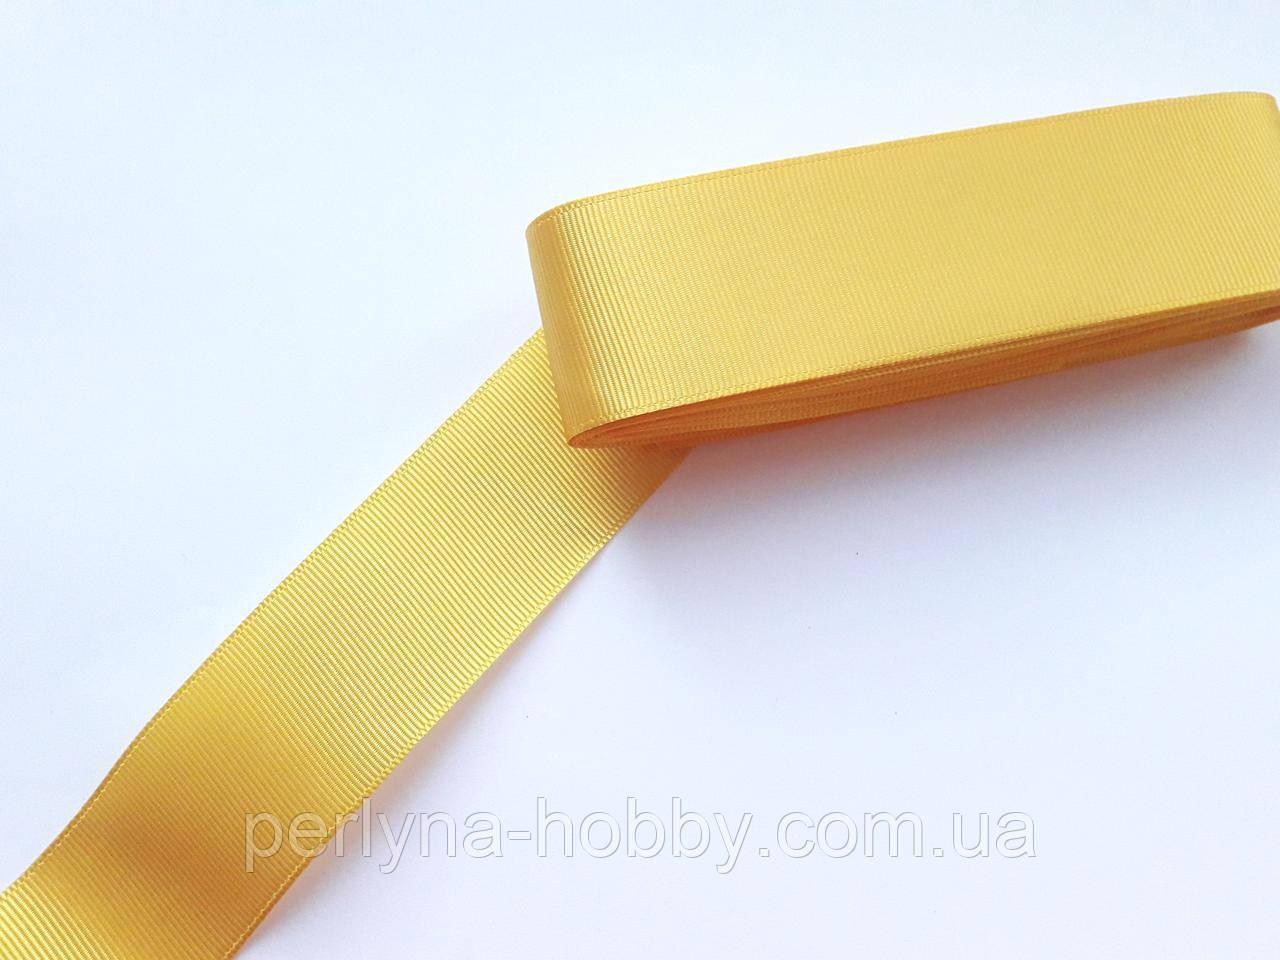 Тесьма лента репсовая широкая Стрічка репсова  4 см 40 мм, жовта № 86. Туреччина